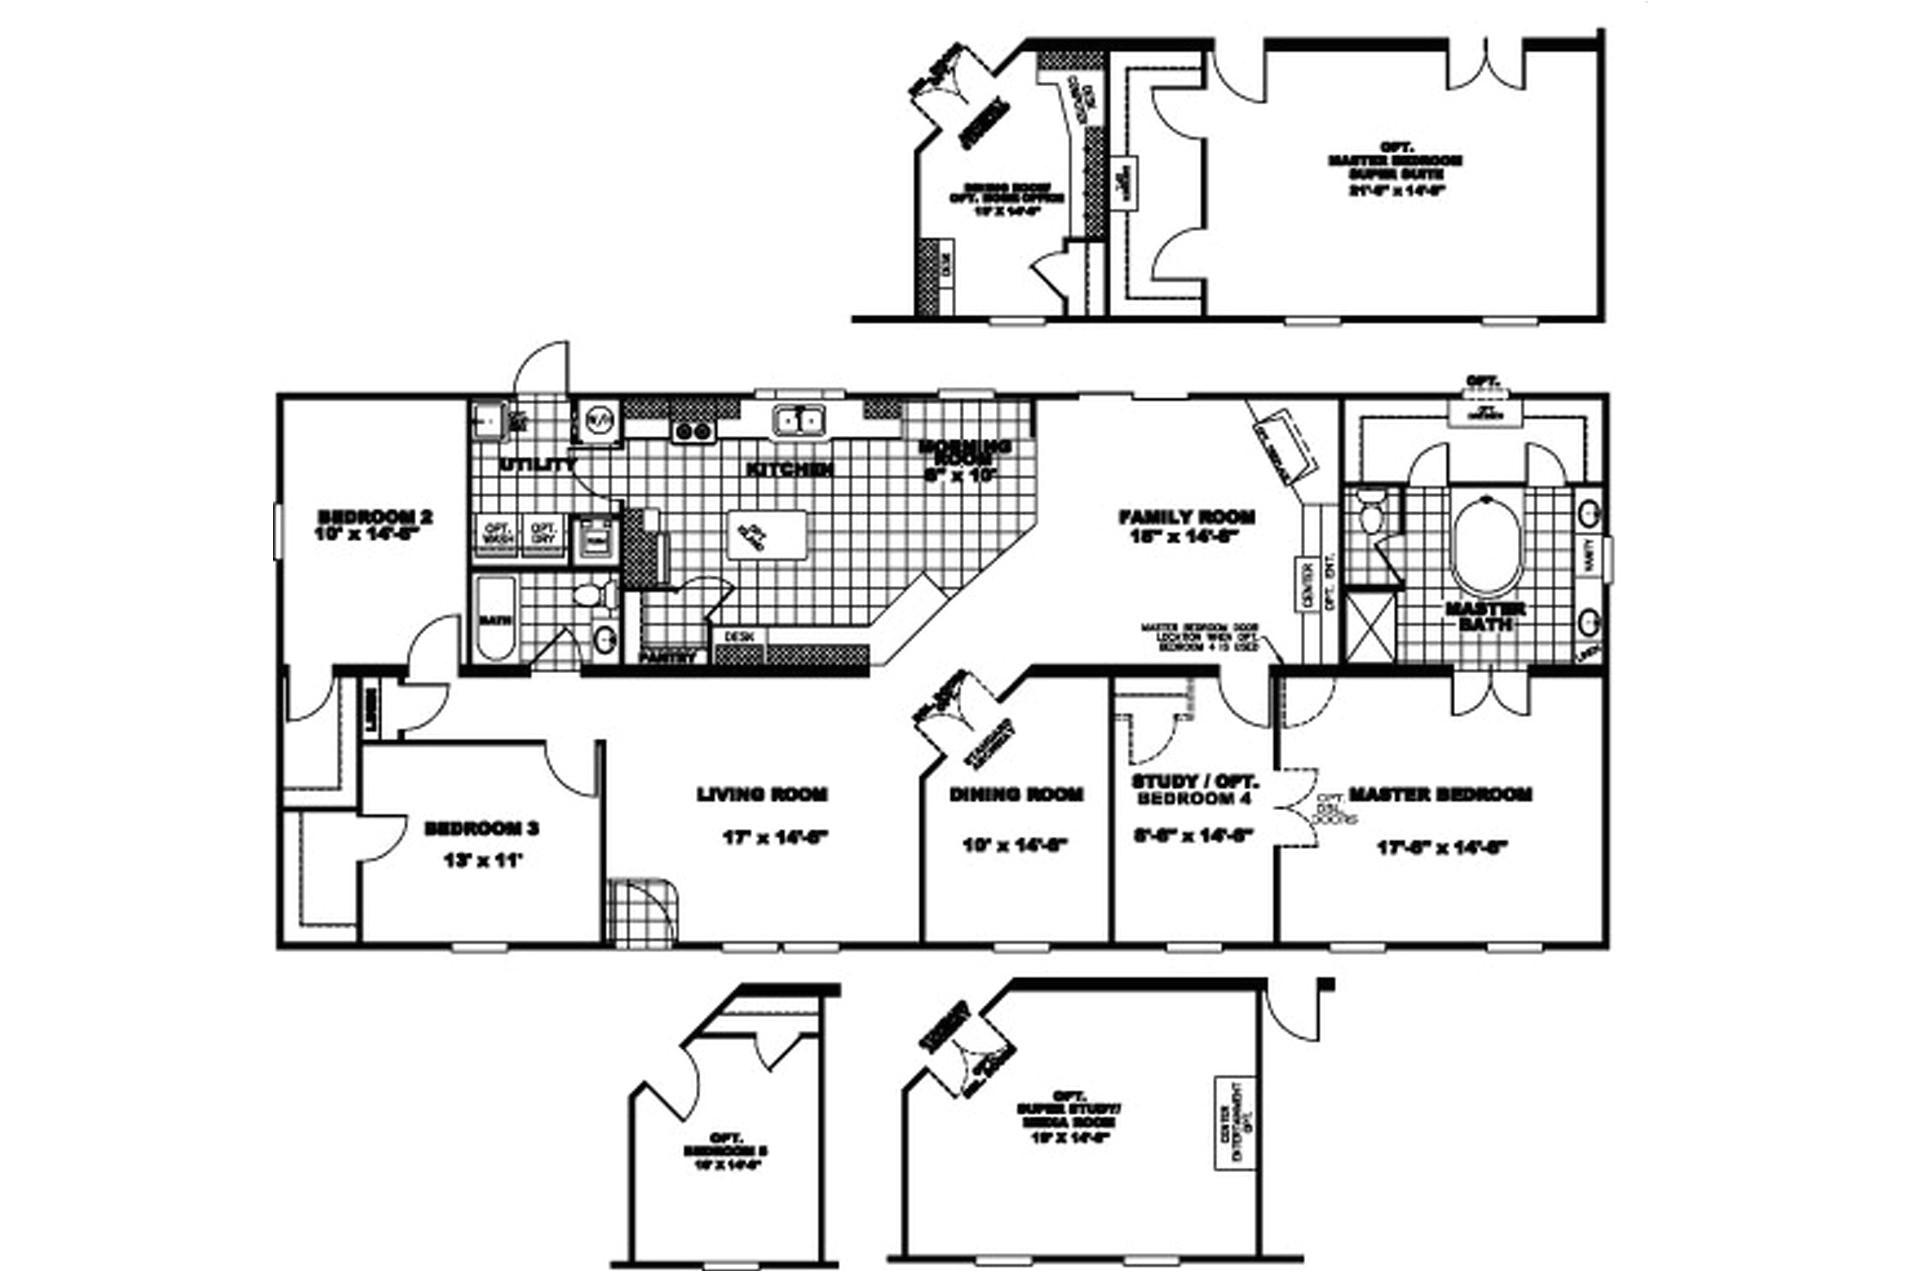 manufacturedhomefloorplan floorplan 3684 state tx city leesville